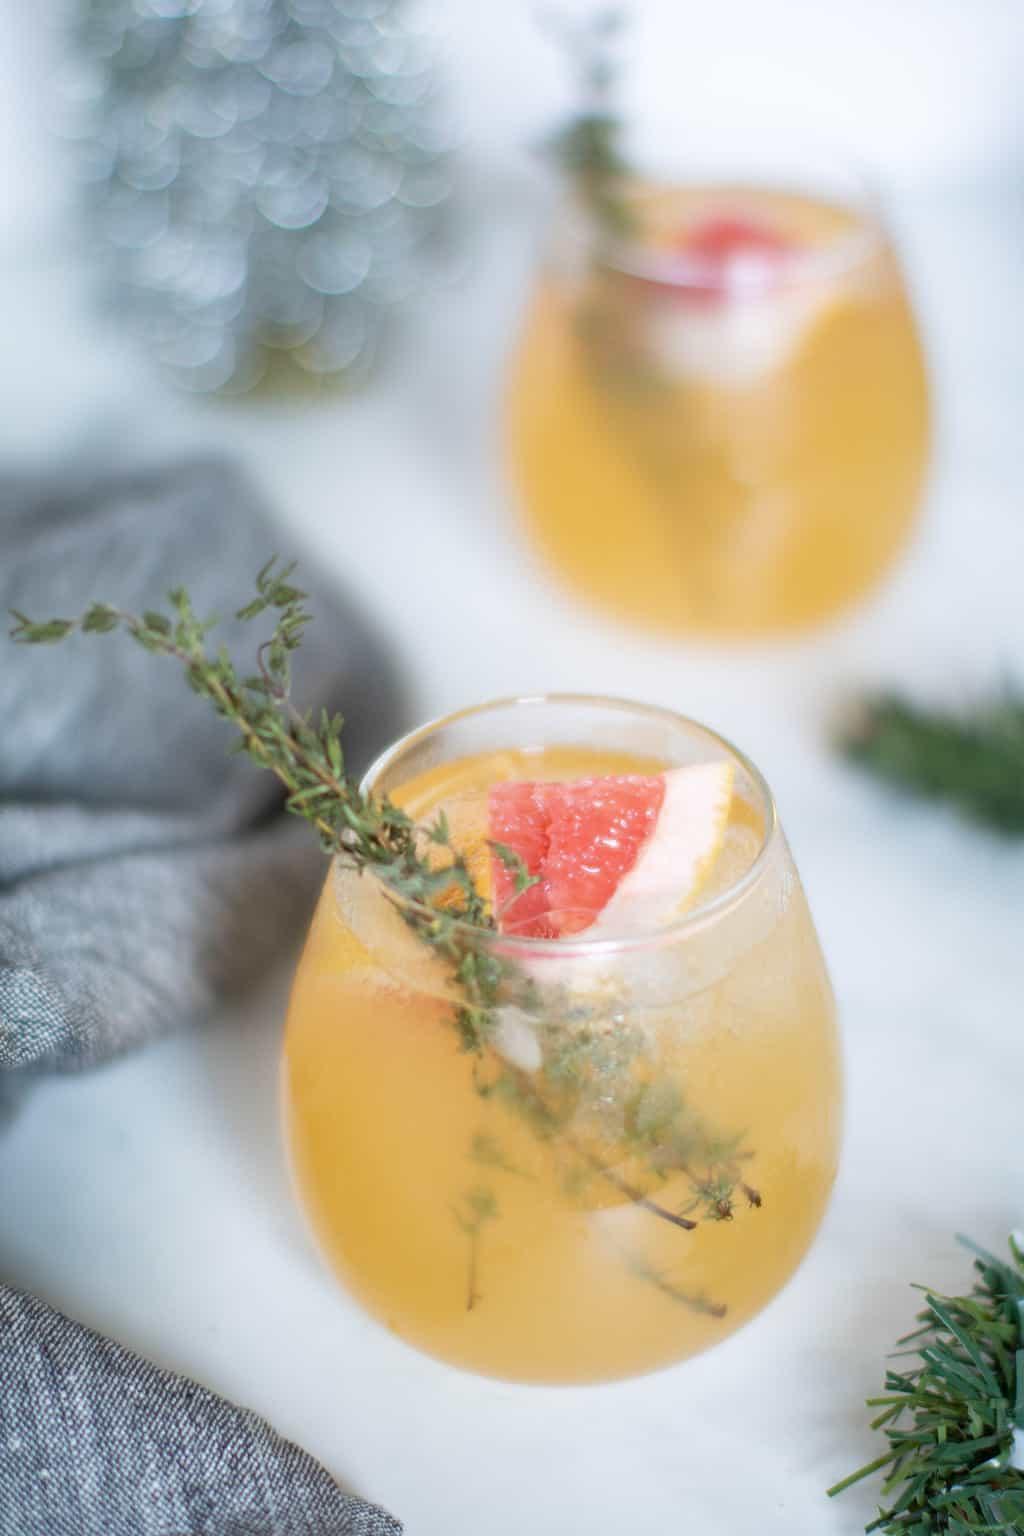 Honey Grapefruit Pineapple Thyme Mocktail